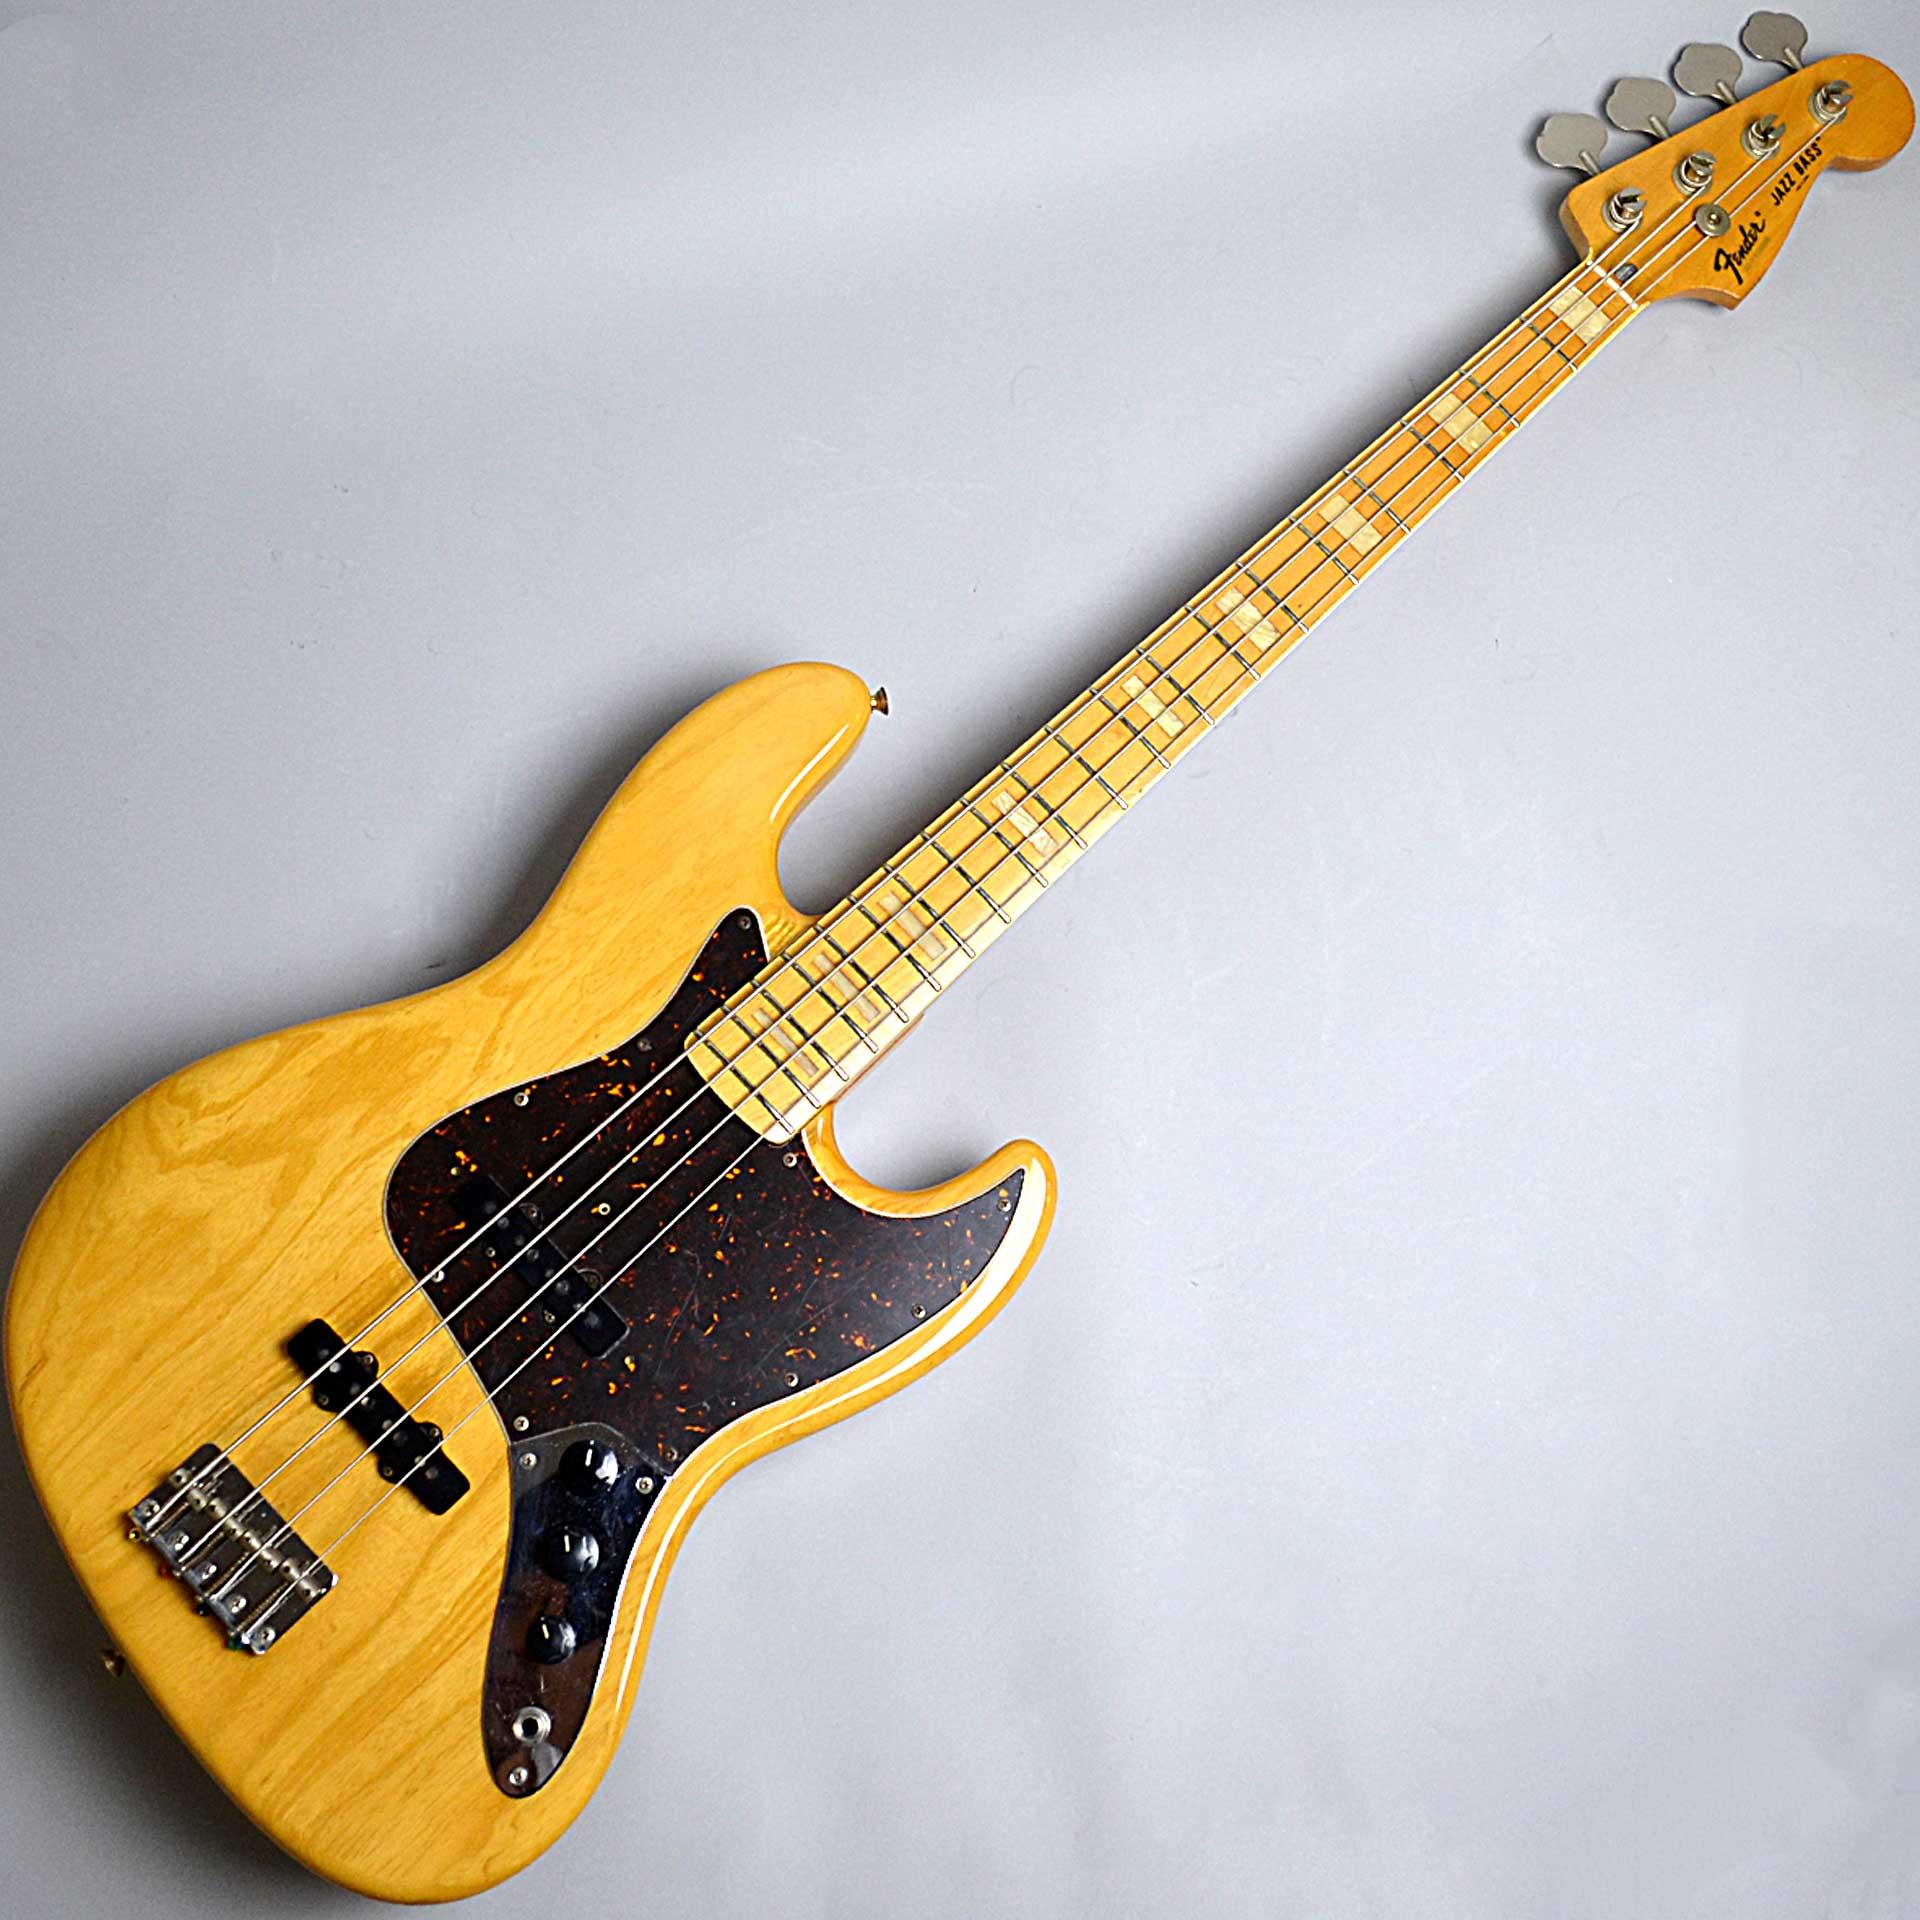 Jazz Bass(USED)のボディトップ-アップ画像